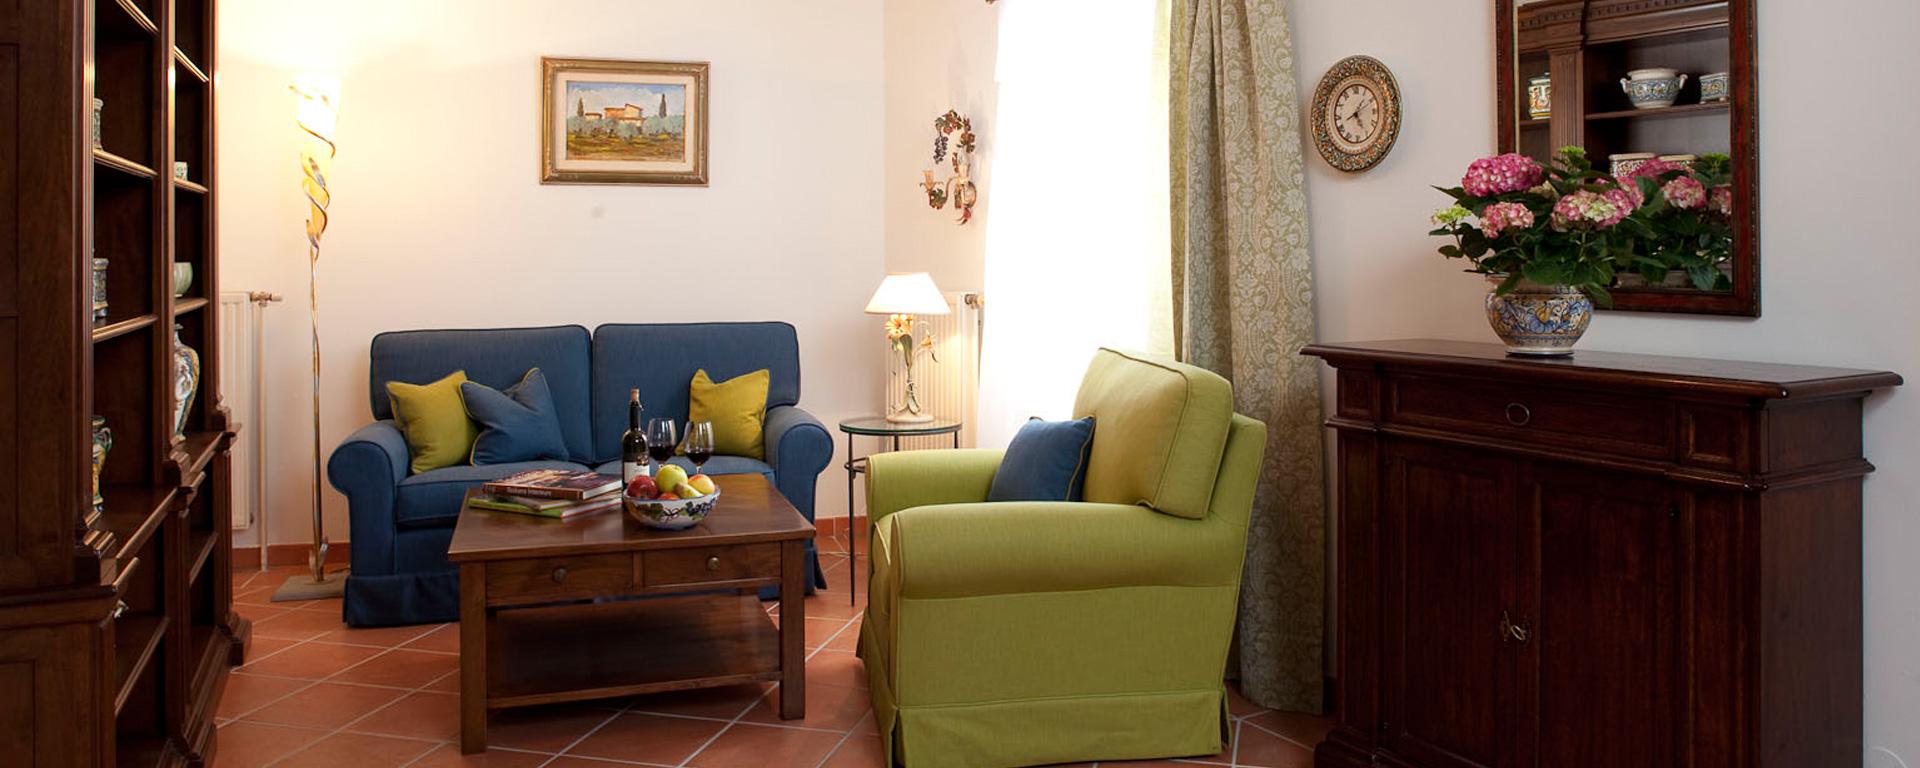 Home Interni Toscani